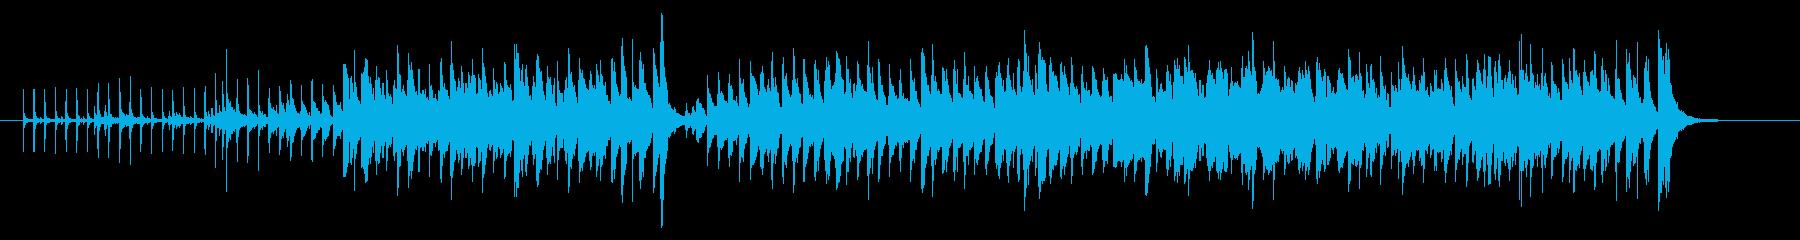 木星(ジュピター)ジャズアレンジの再生済みの波形